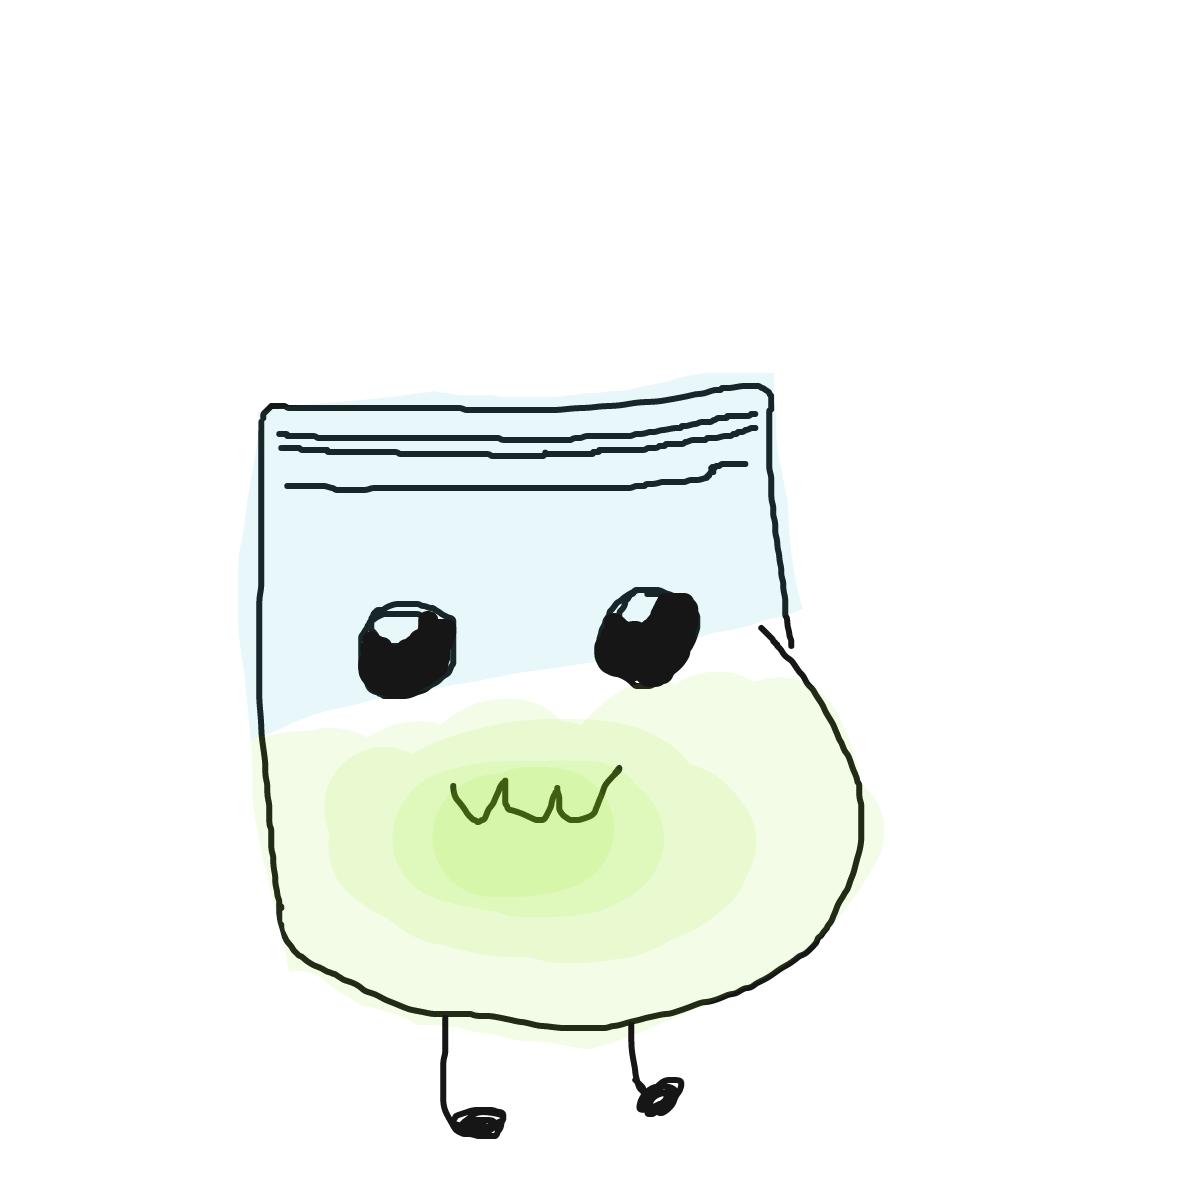 Drawing in FLARP by Miäääh!